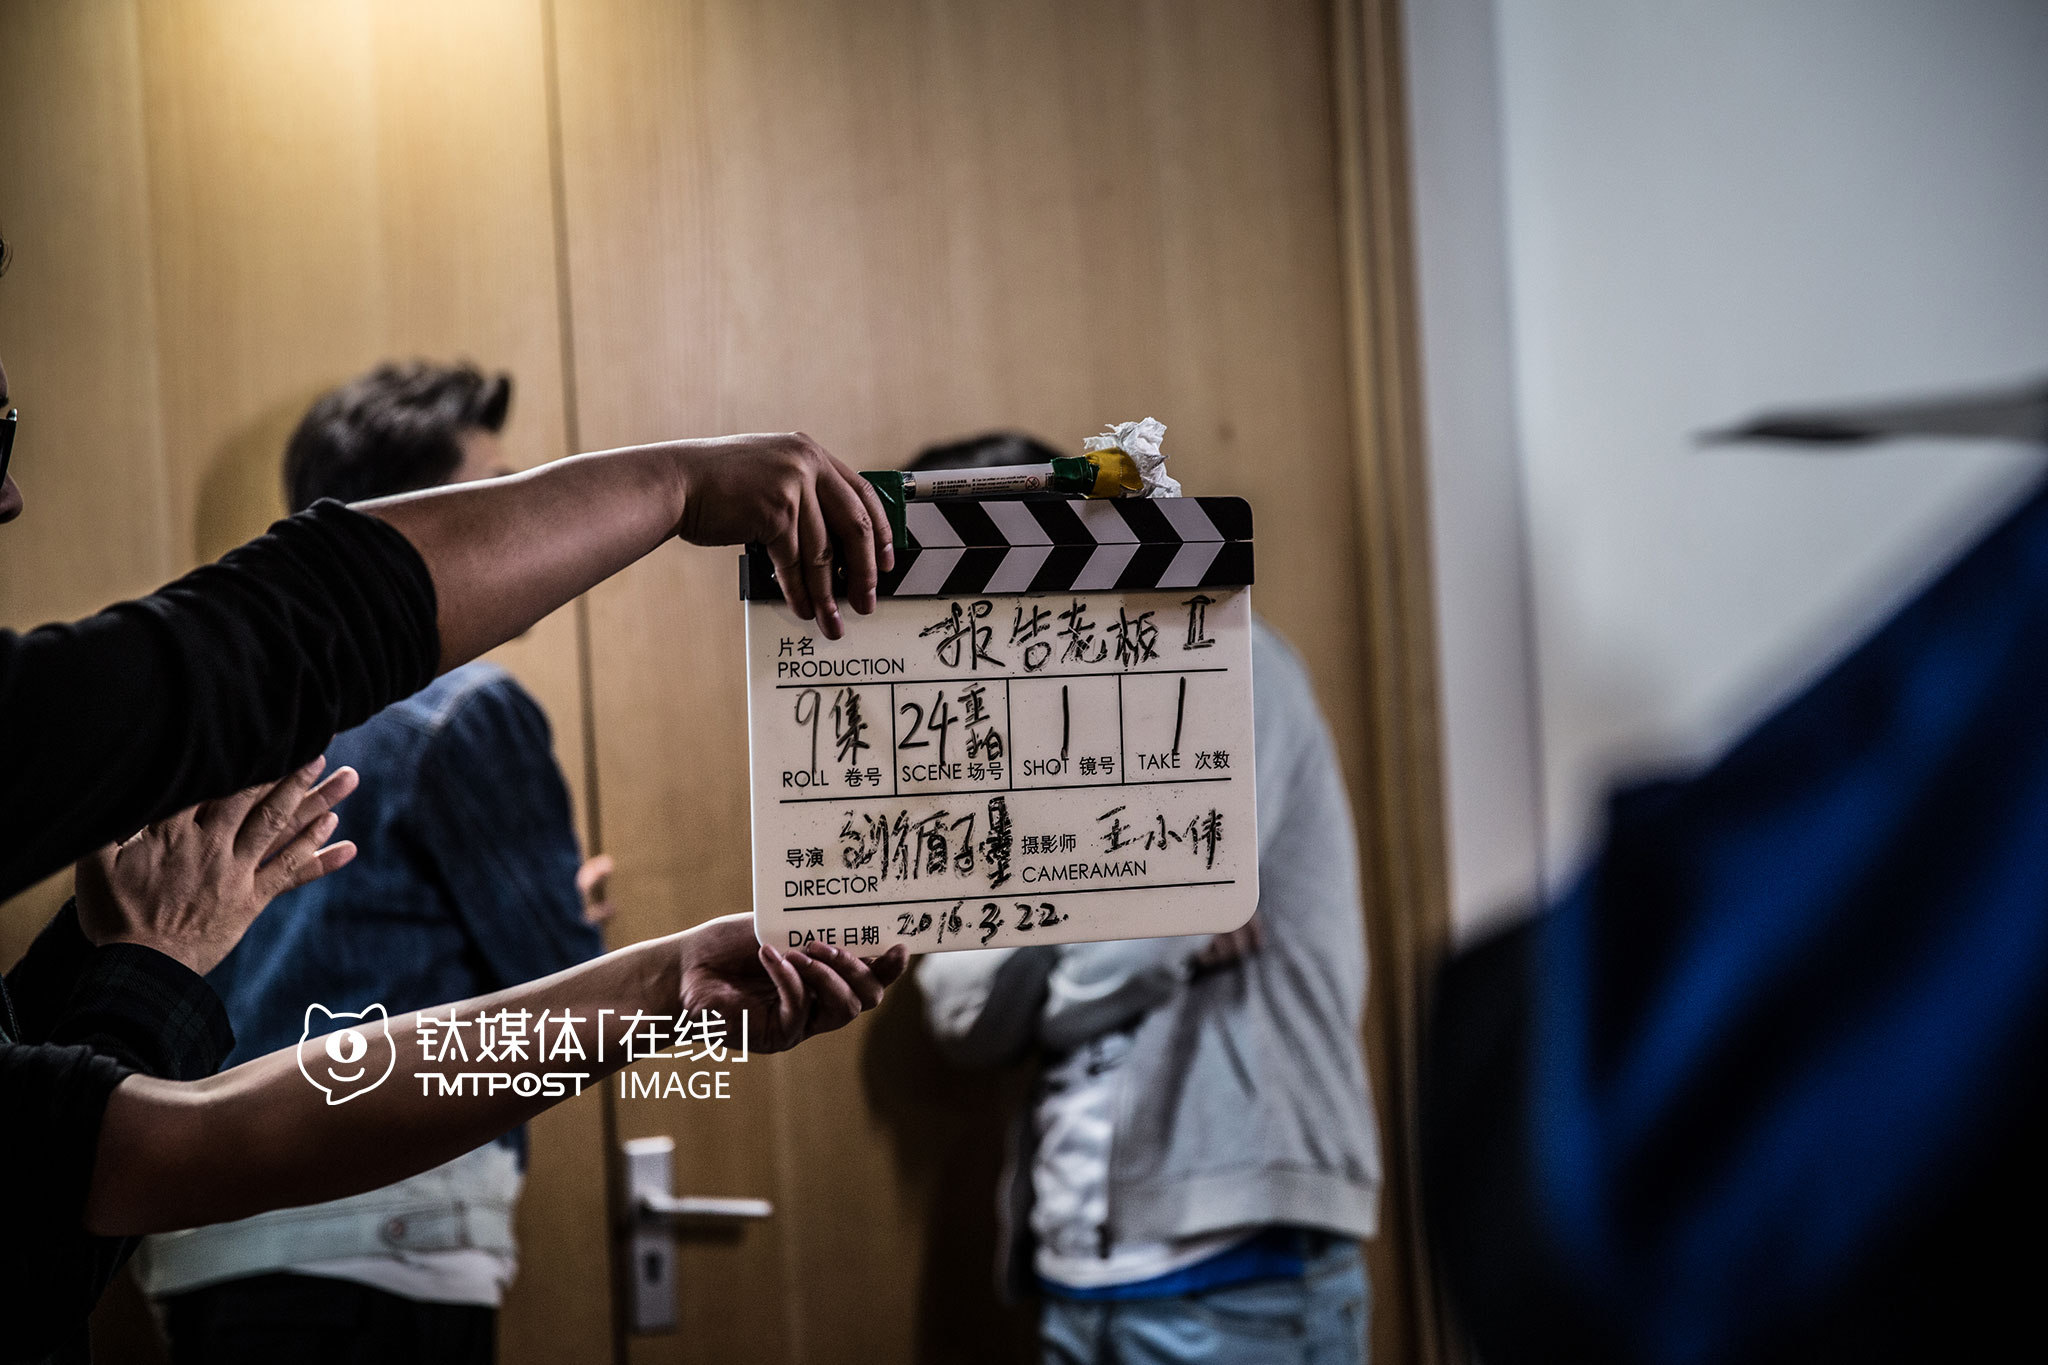 March 23rd, 00:04. Boss season 2's filming scene.